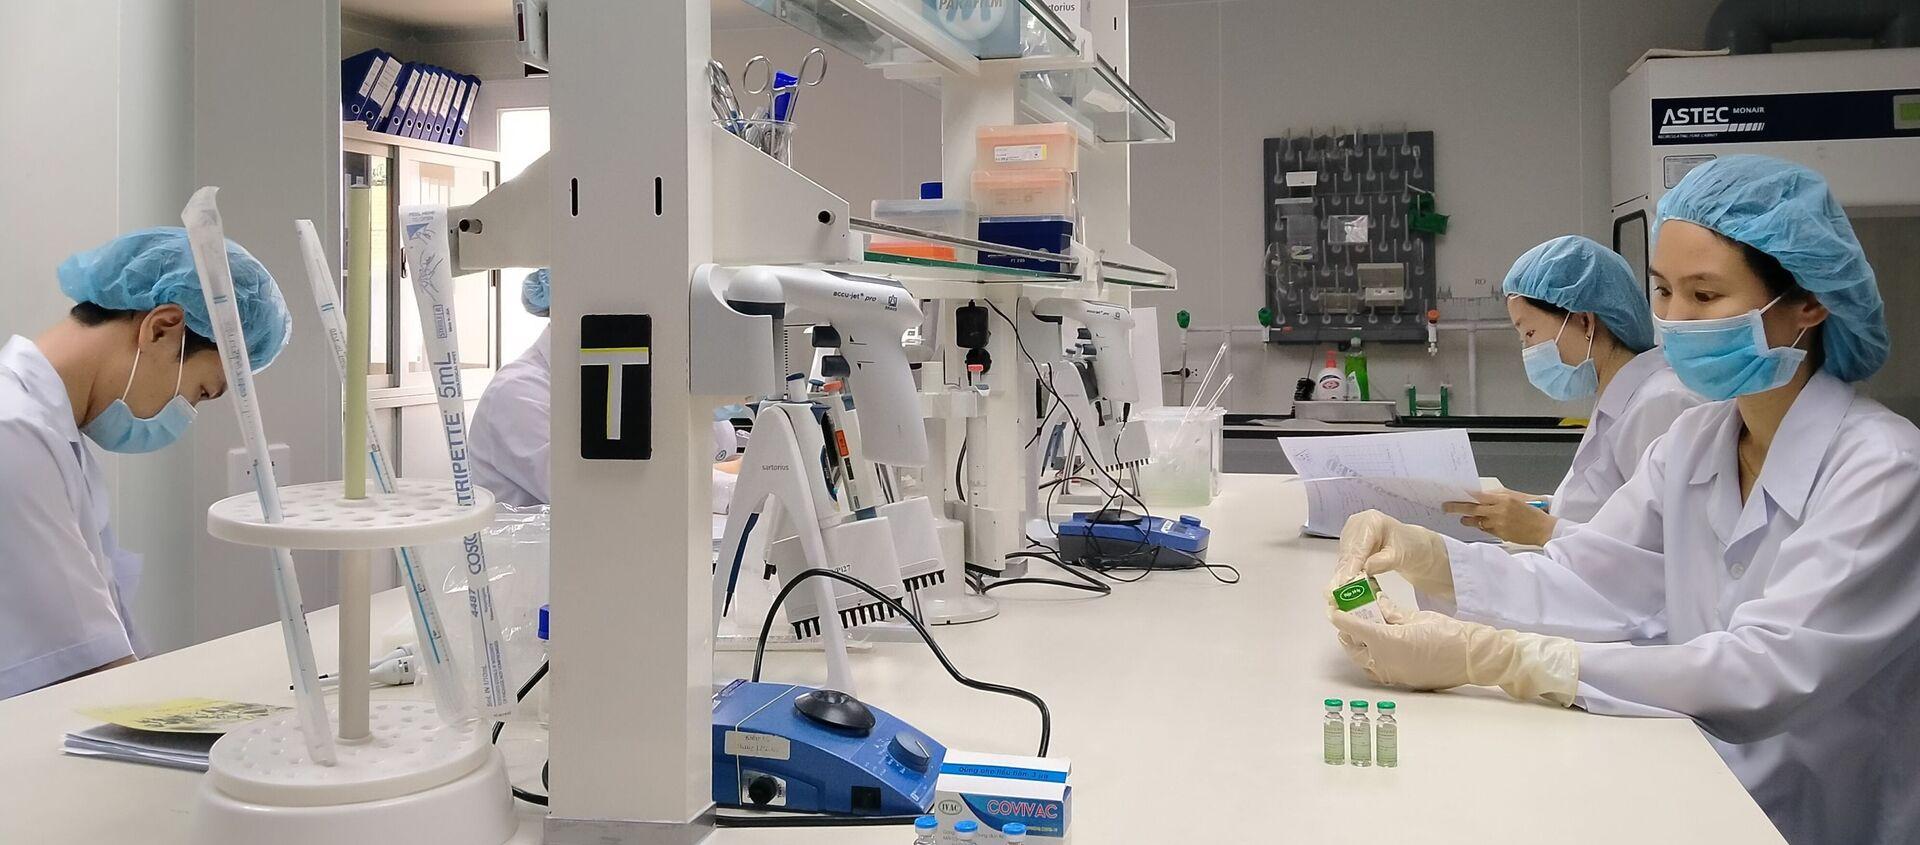 Nghiên cứu vaccine COVID-19 tại Viện Vaccine và Sinh phẩm Y tế tại tỉnh Khánh Hòa. - Sputnik Việt Nam, 1920, 09.02.2021